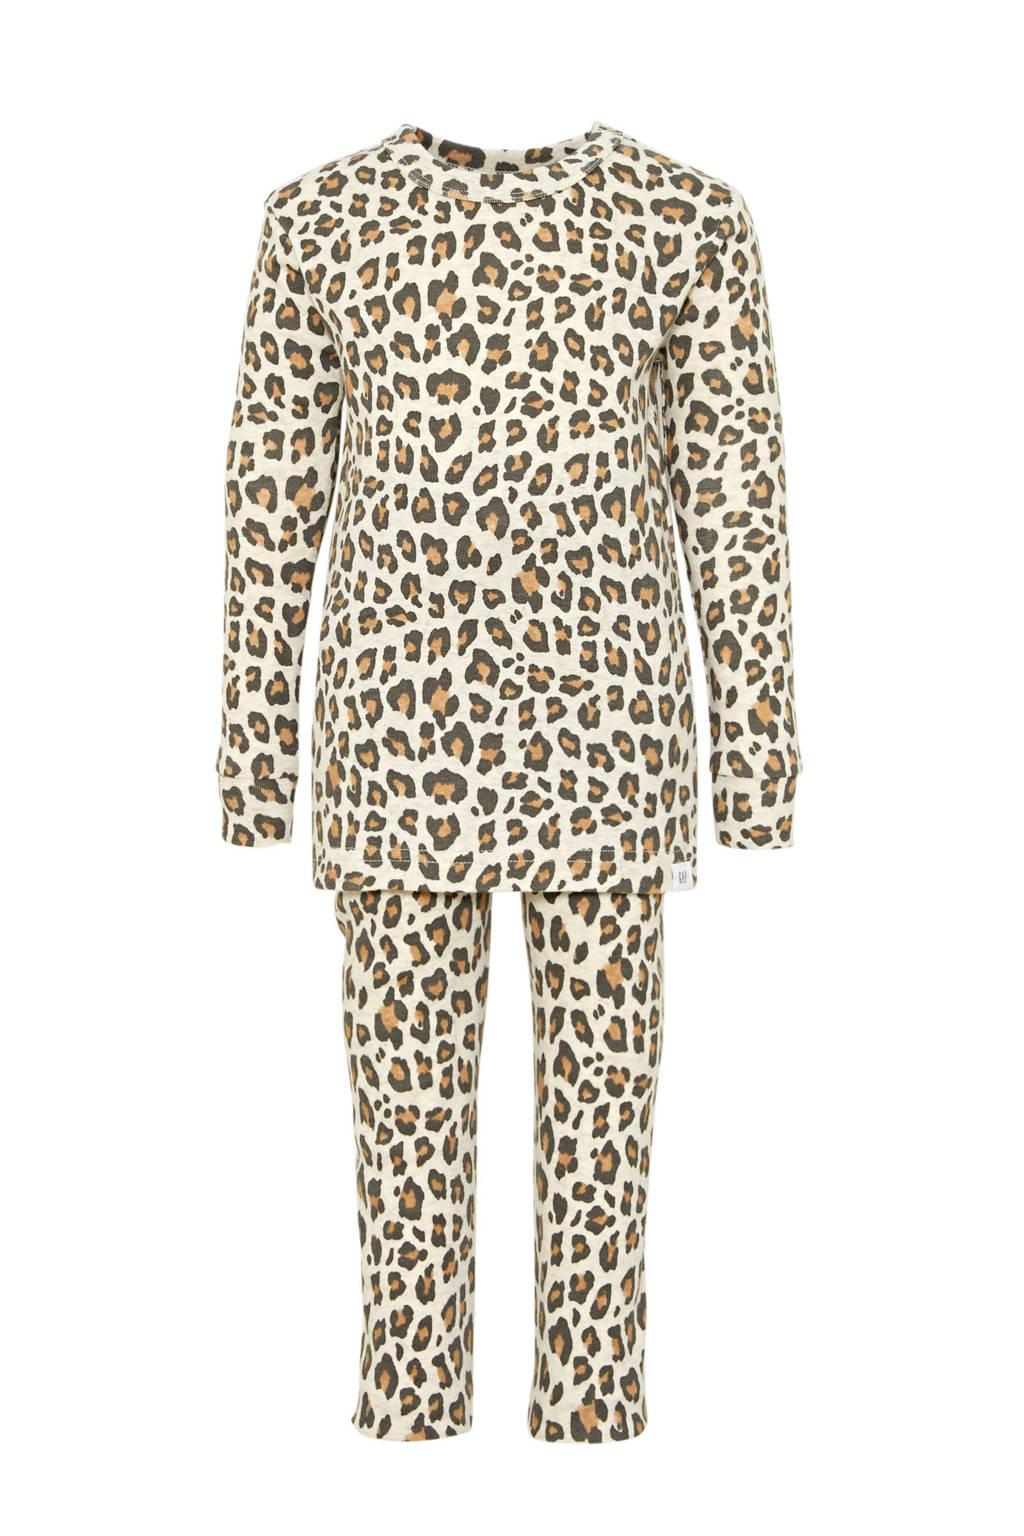 GAP pyjama luipaard beige, Beige/bruin